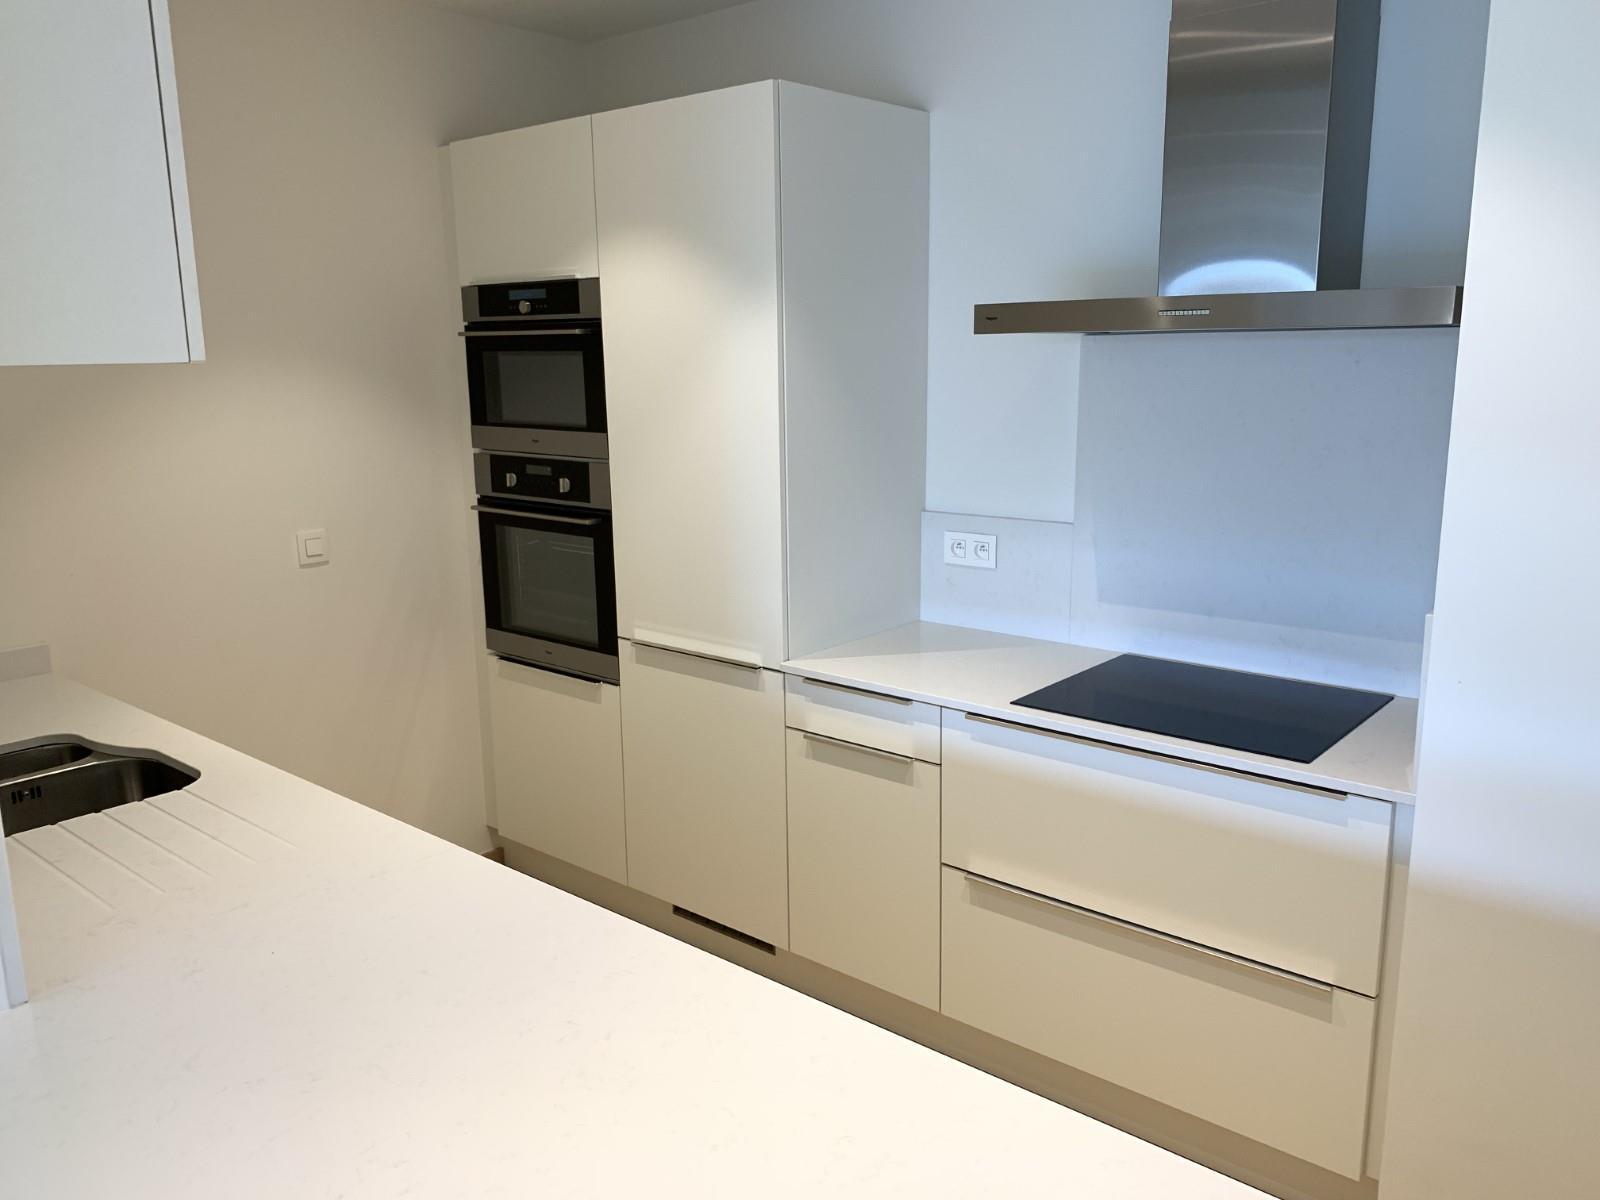 Appartement exceptionnel - Ixelles - #3929614-6